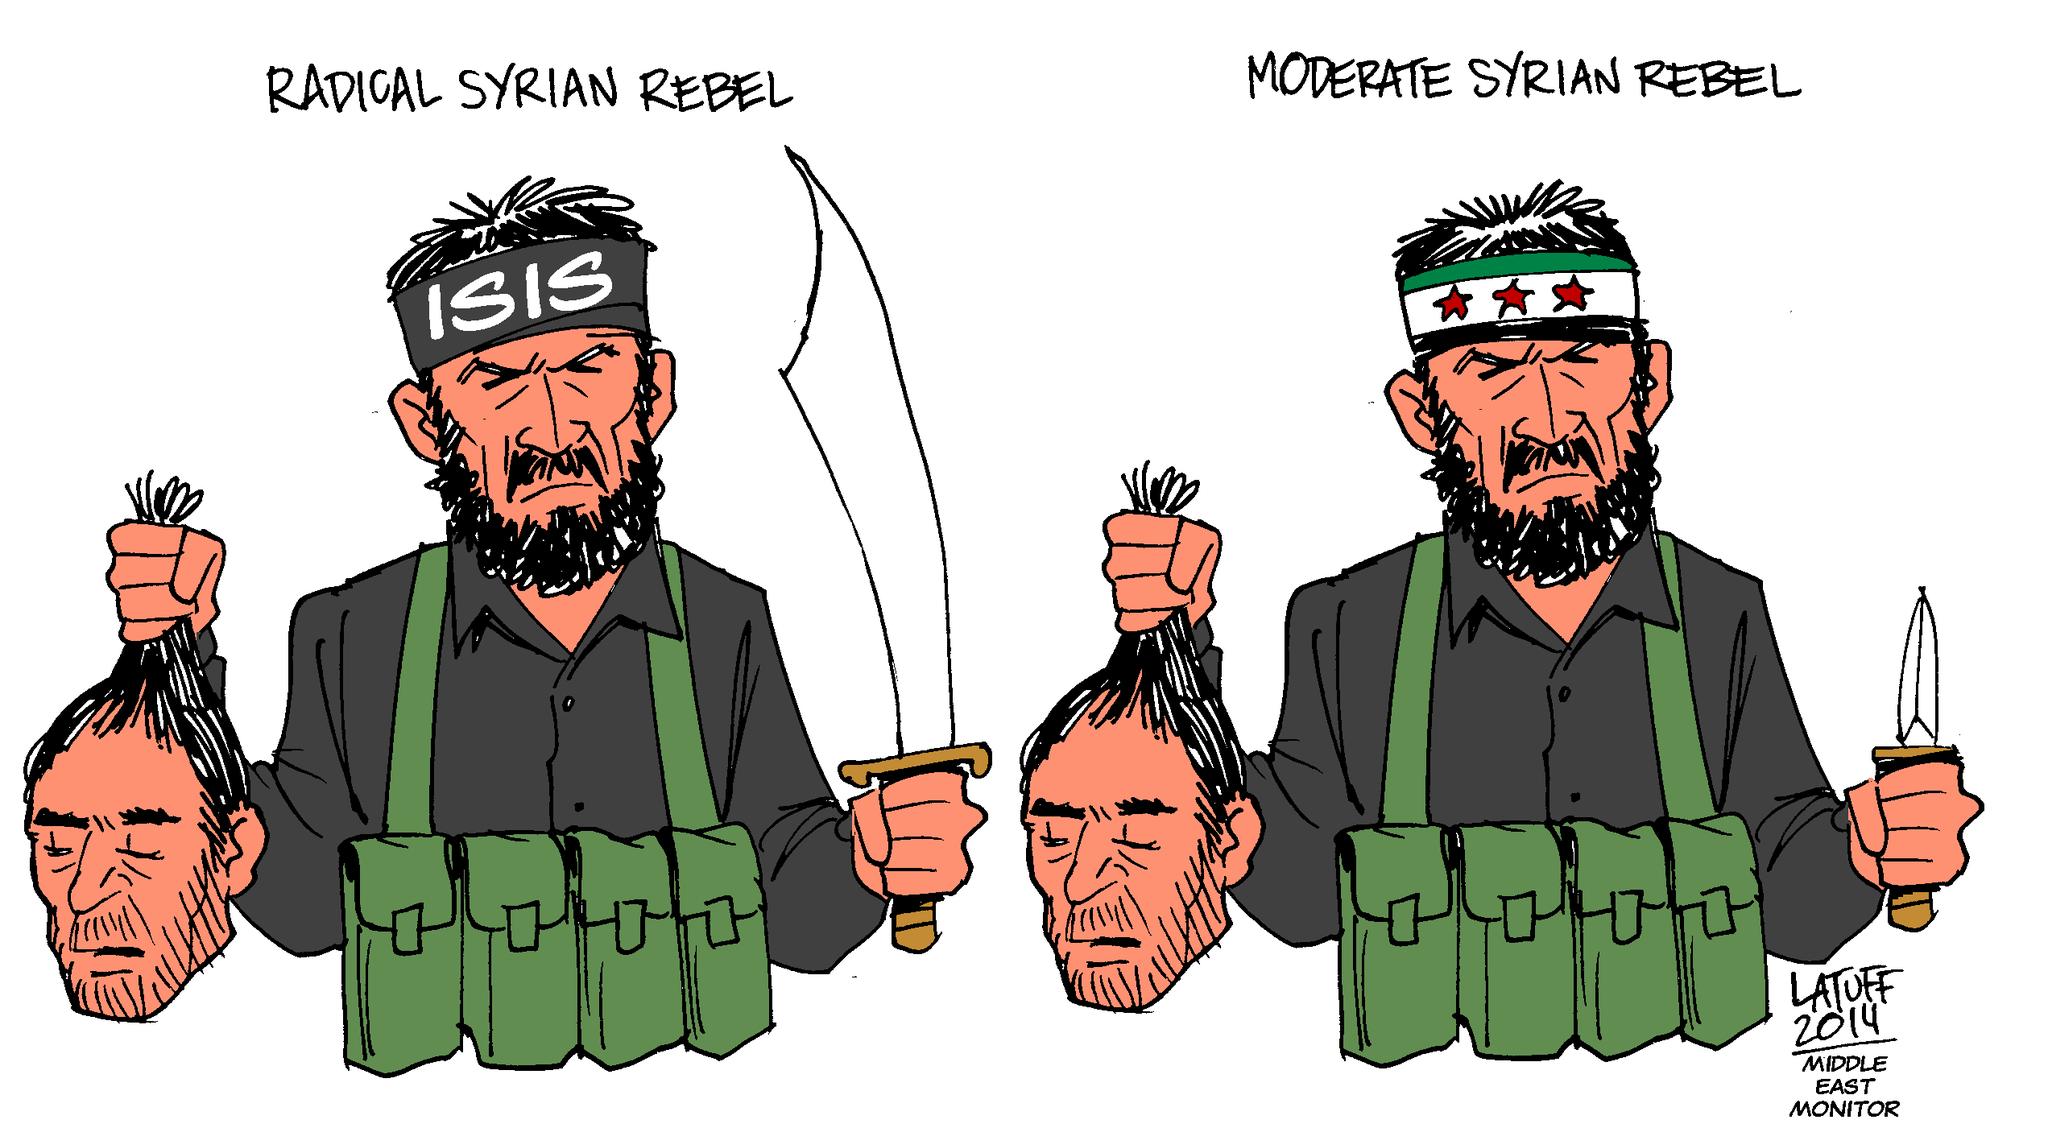 'Moderate' Syrian rebels, Latuff cartoon